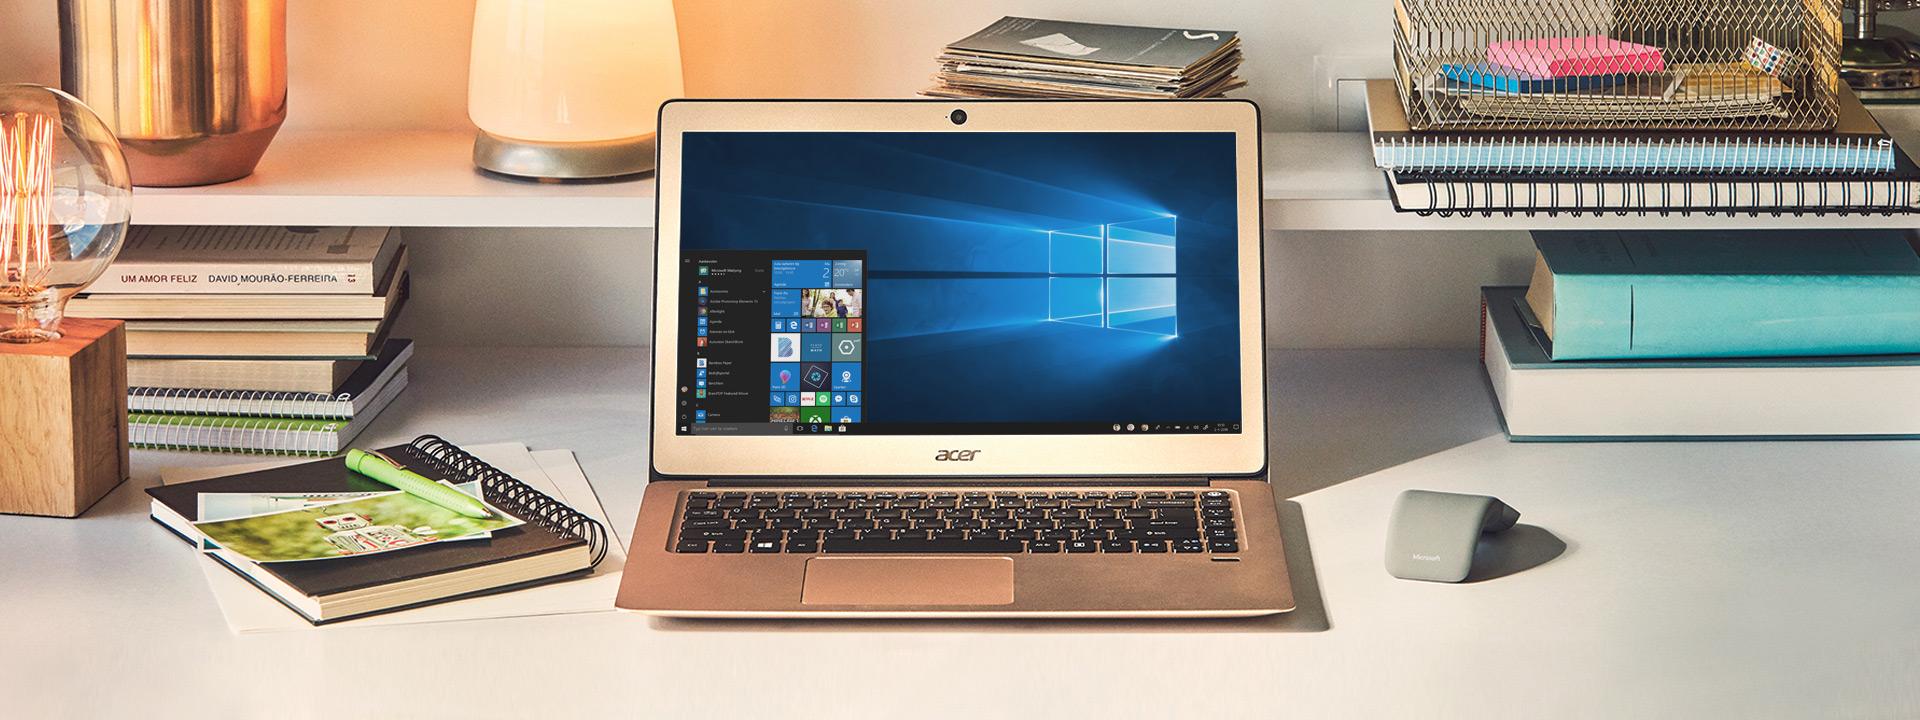 Acer-laptop en muis op een bureau omringd door boeken en notitieblokken